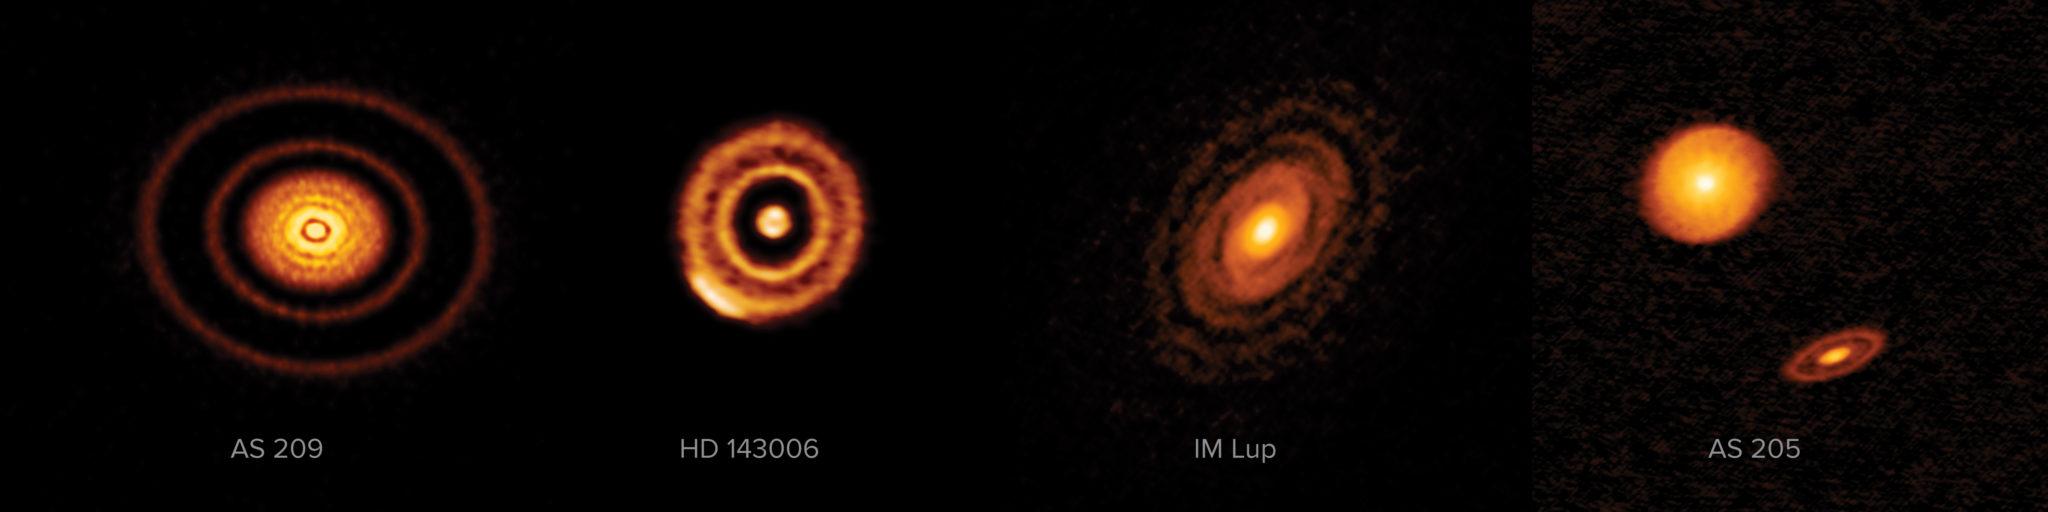 Рис. 3. Демонстрация возможностей интерферометрии в миллиметровом диапазоне:  снимки протопланетных дисков, сделанные отдельным узлом сети EHT — интерферометром ALMA